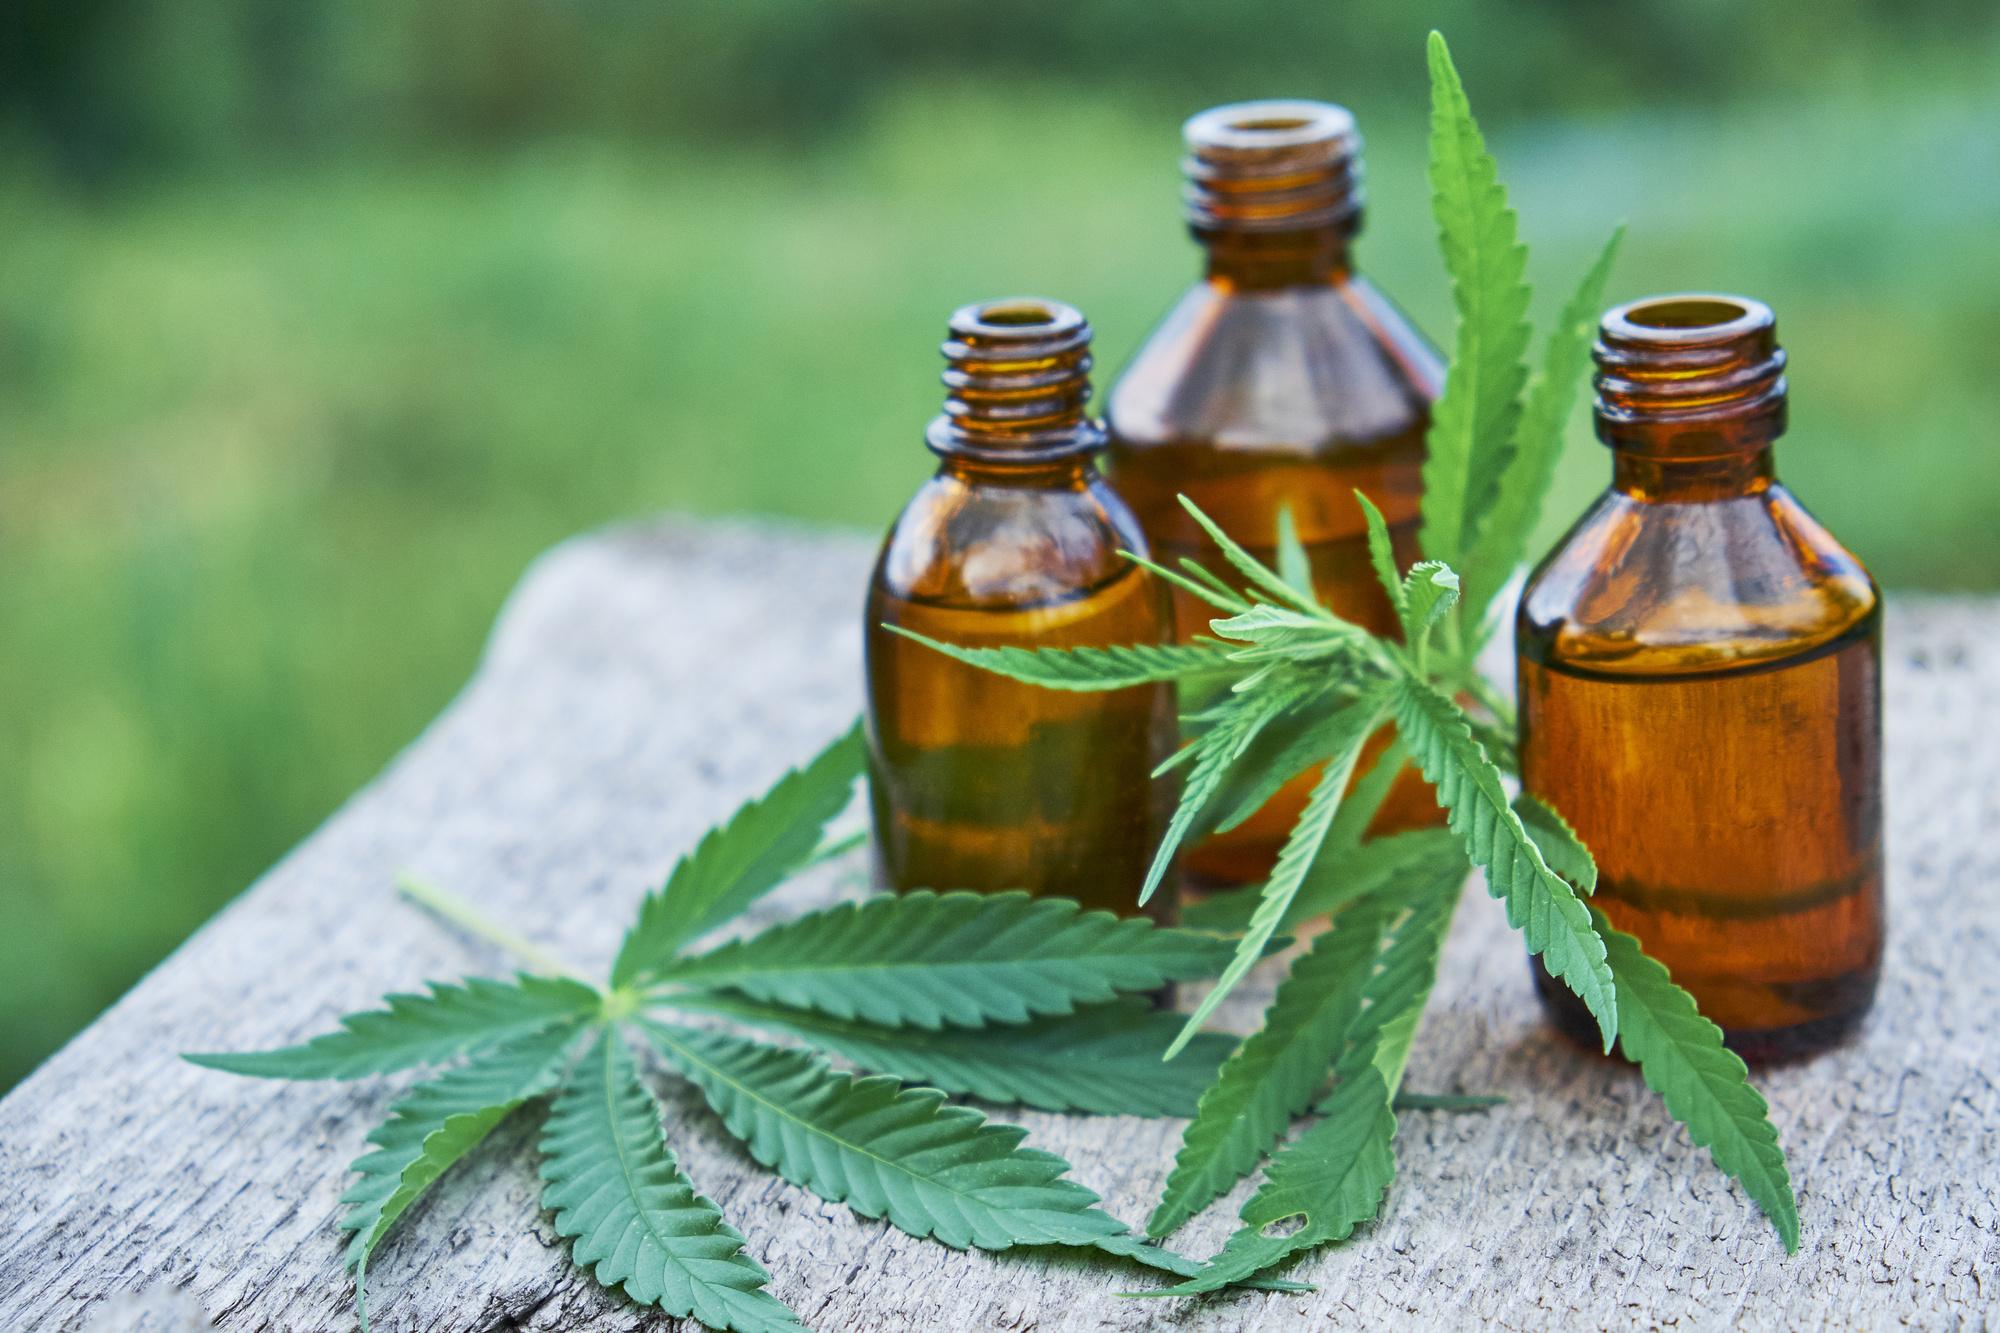 CBD oil and marijuana leaves